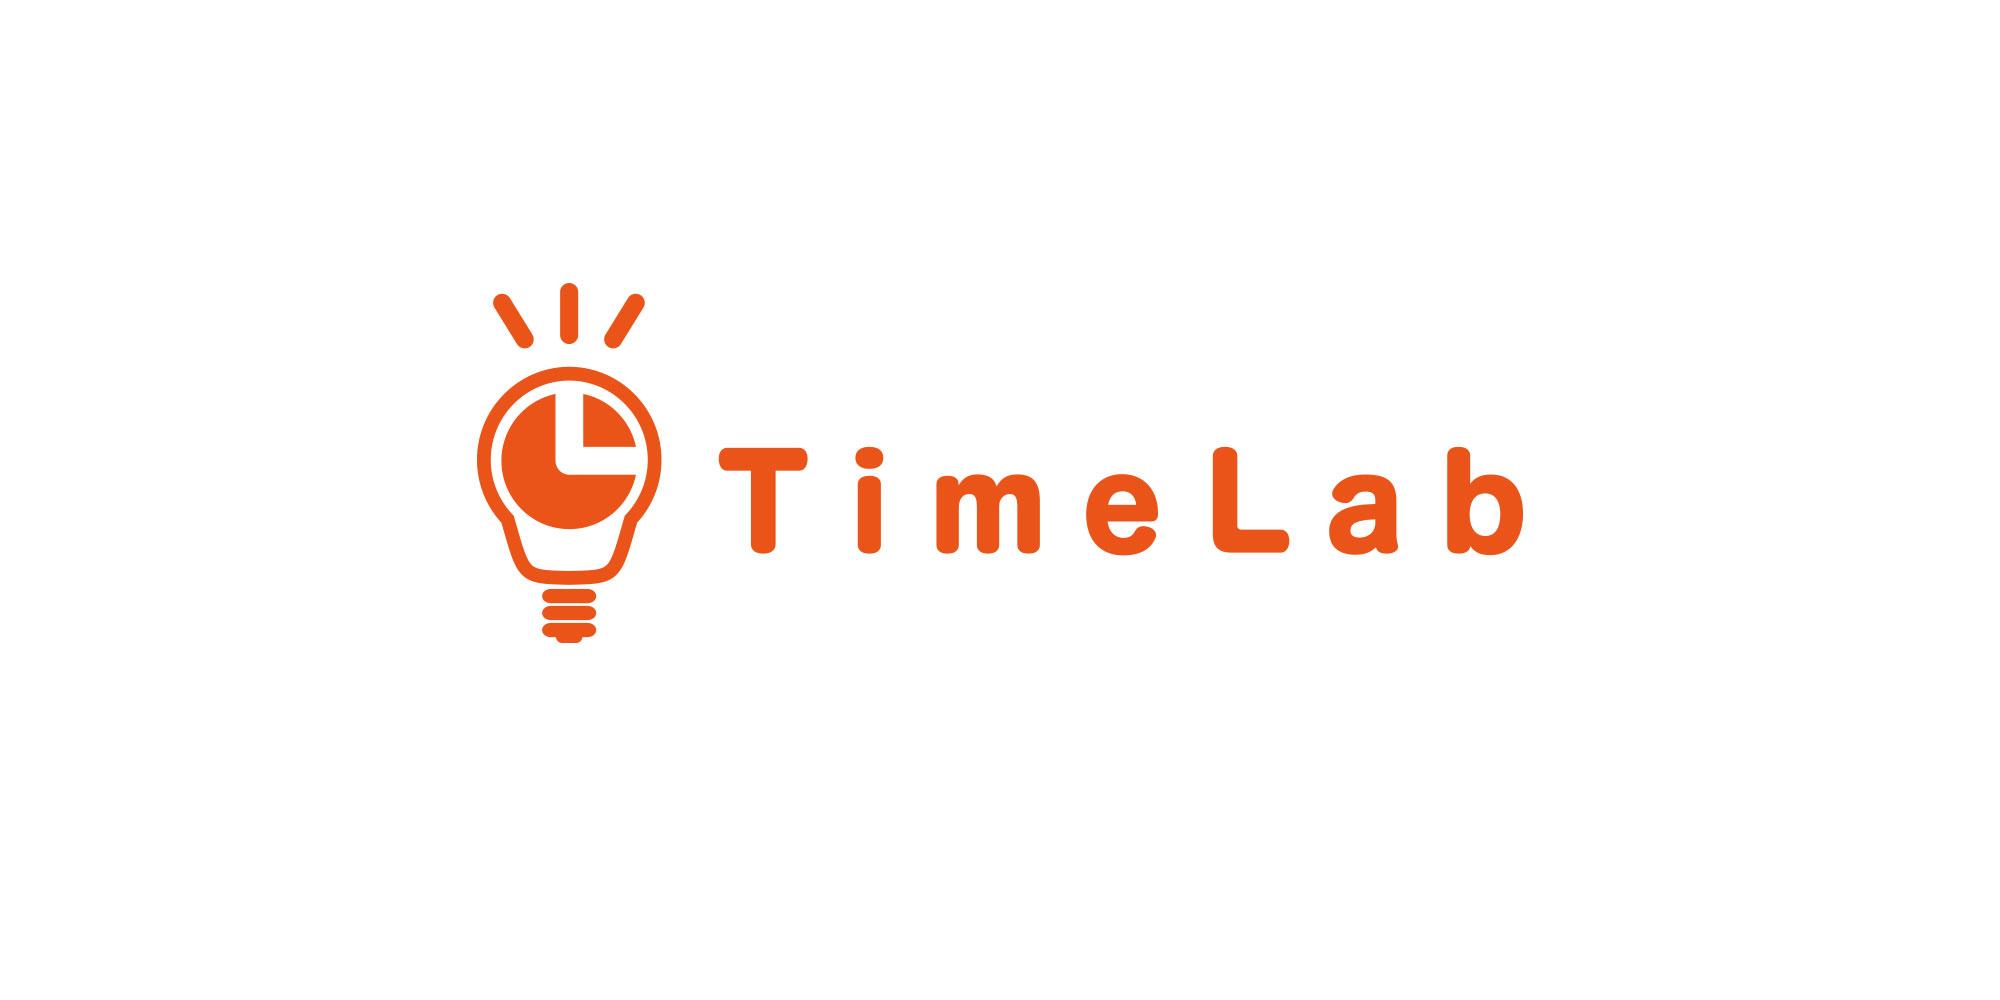 timelab_logo_type2